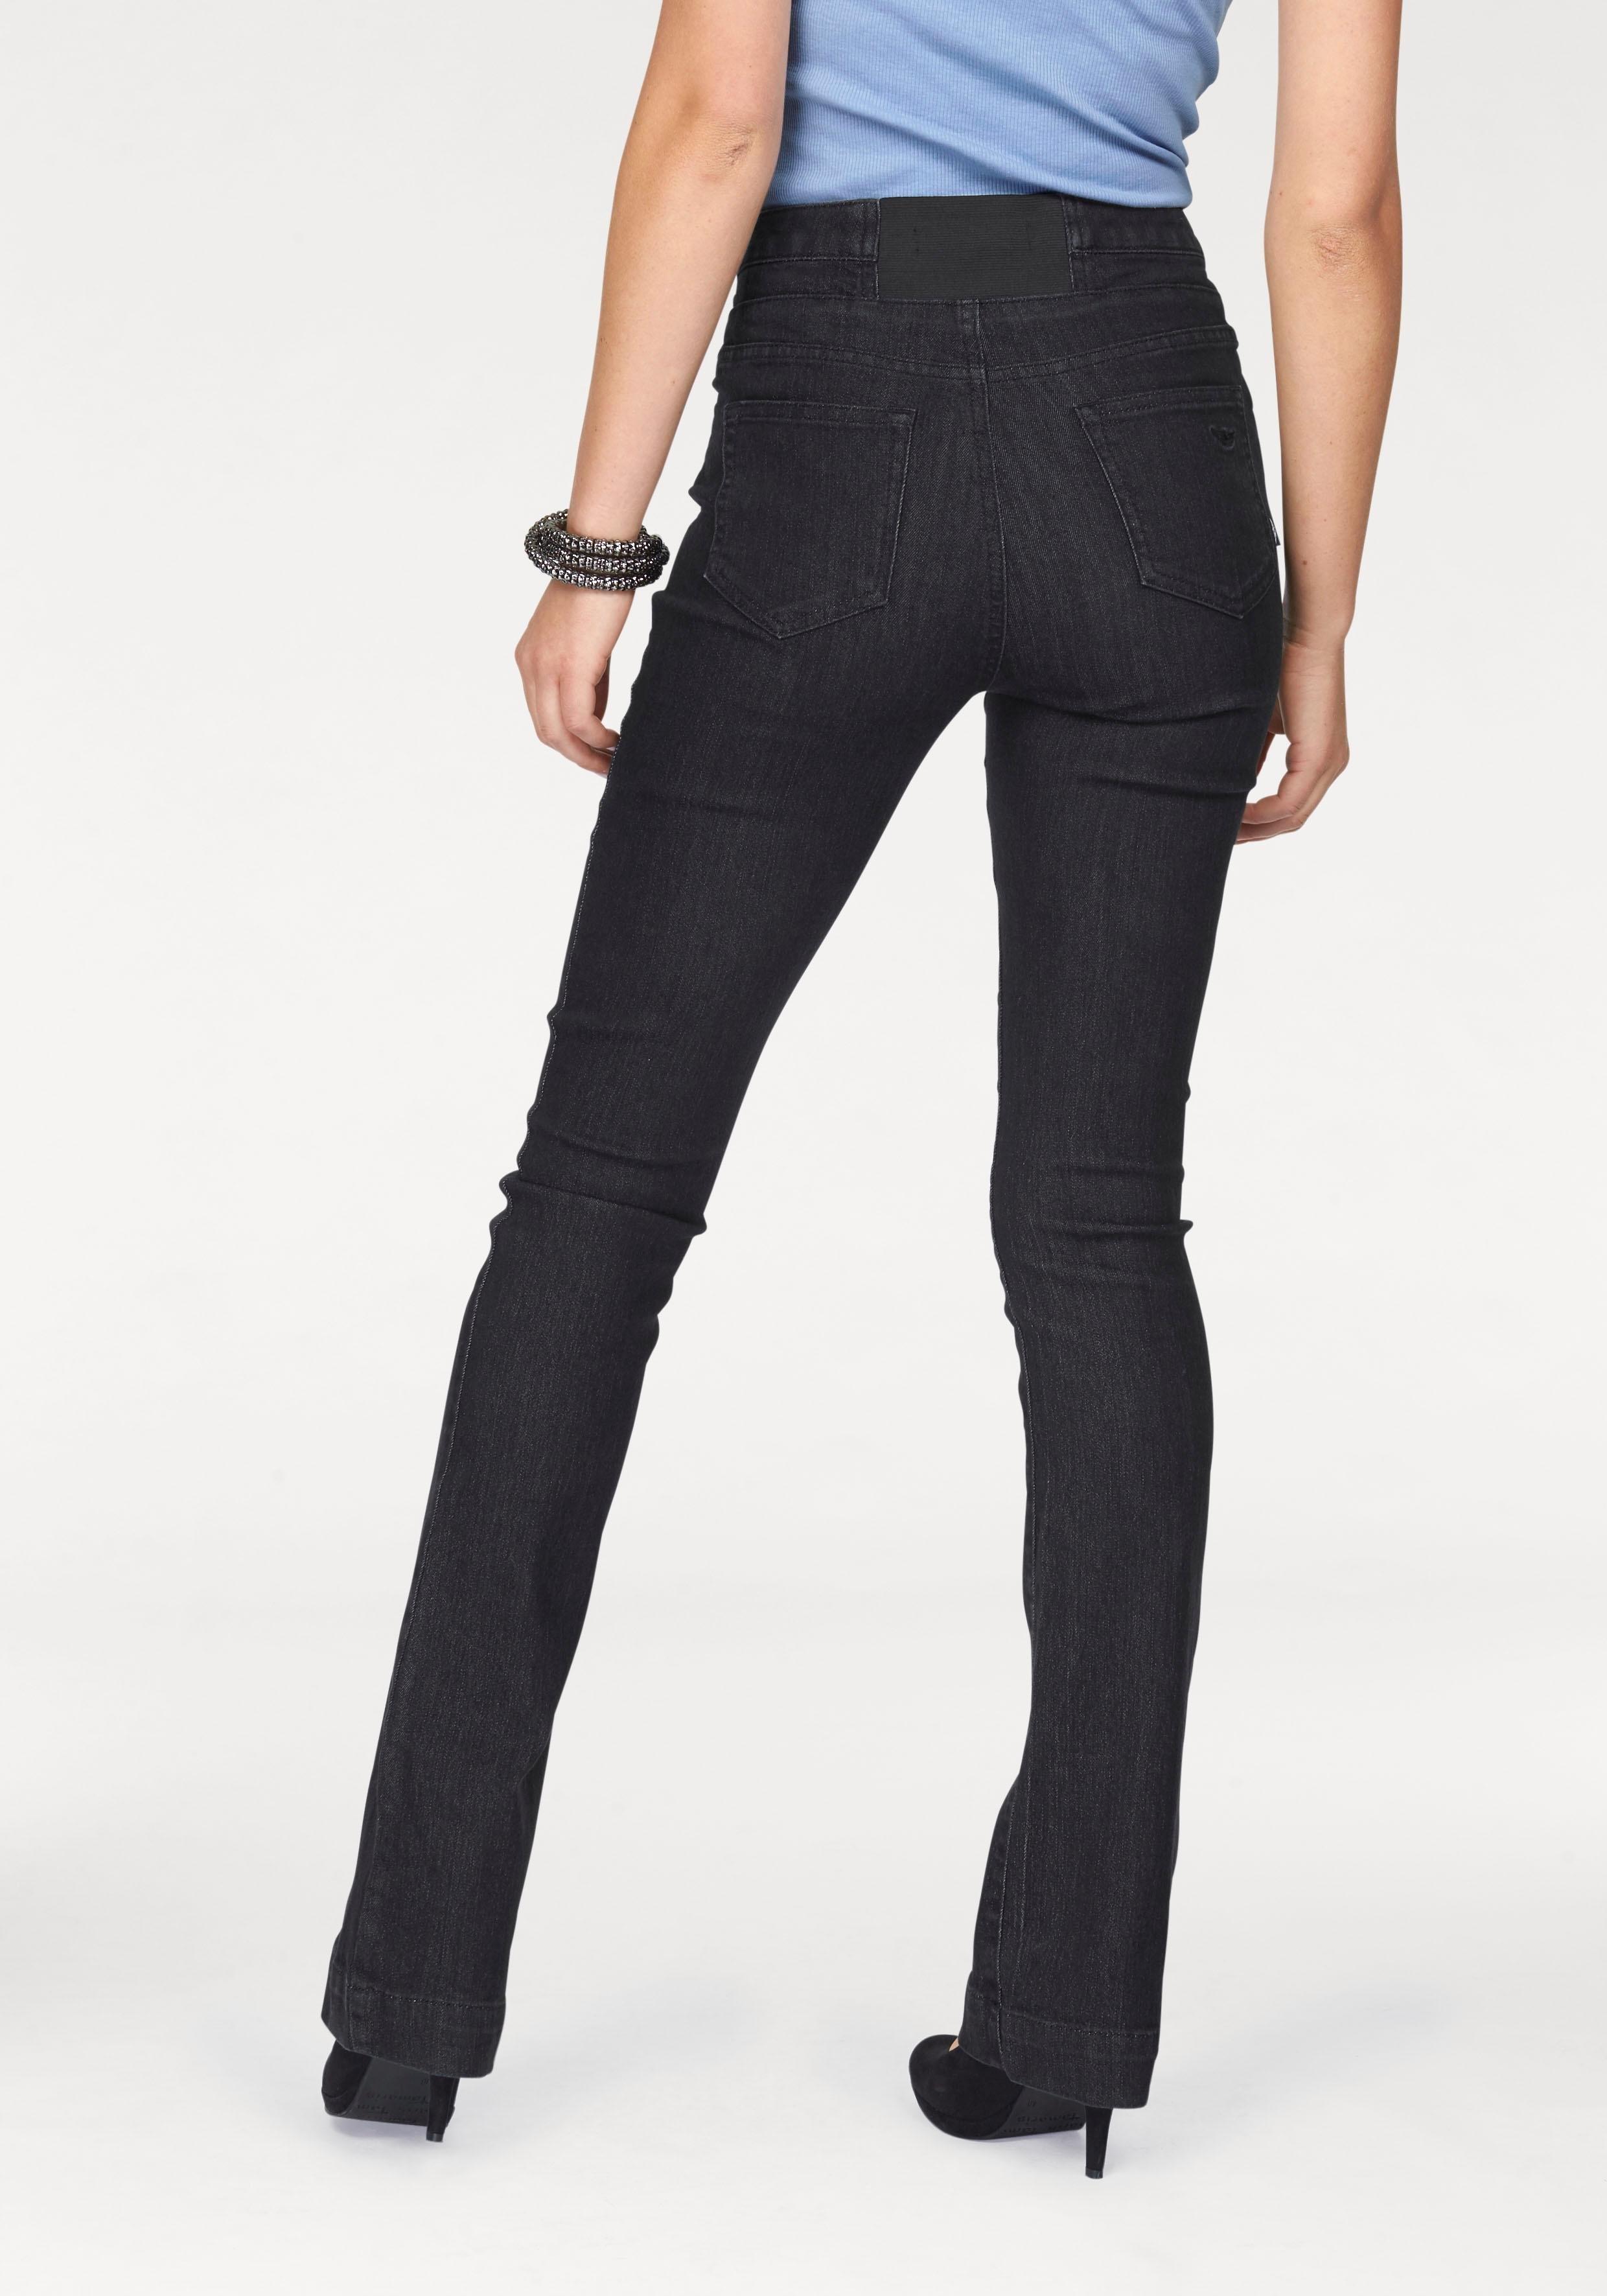 Arizona high waist-jeans bestellen: 14 dagen bedenktijd